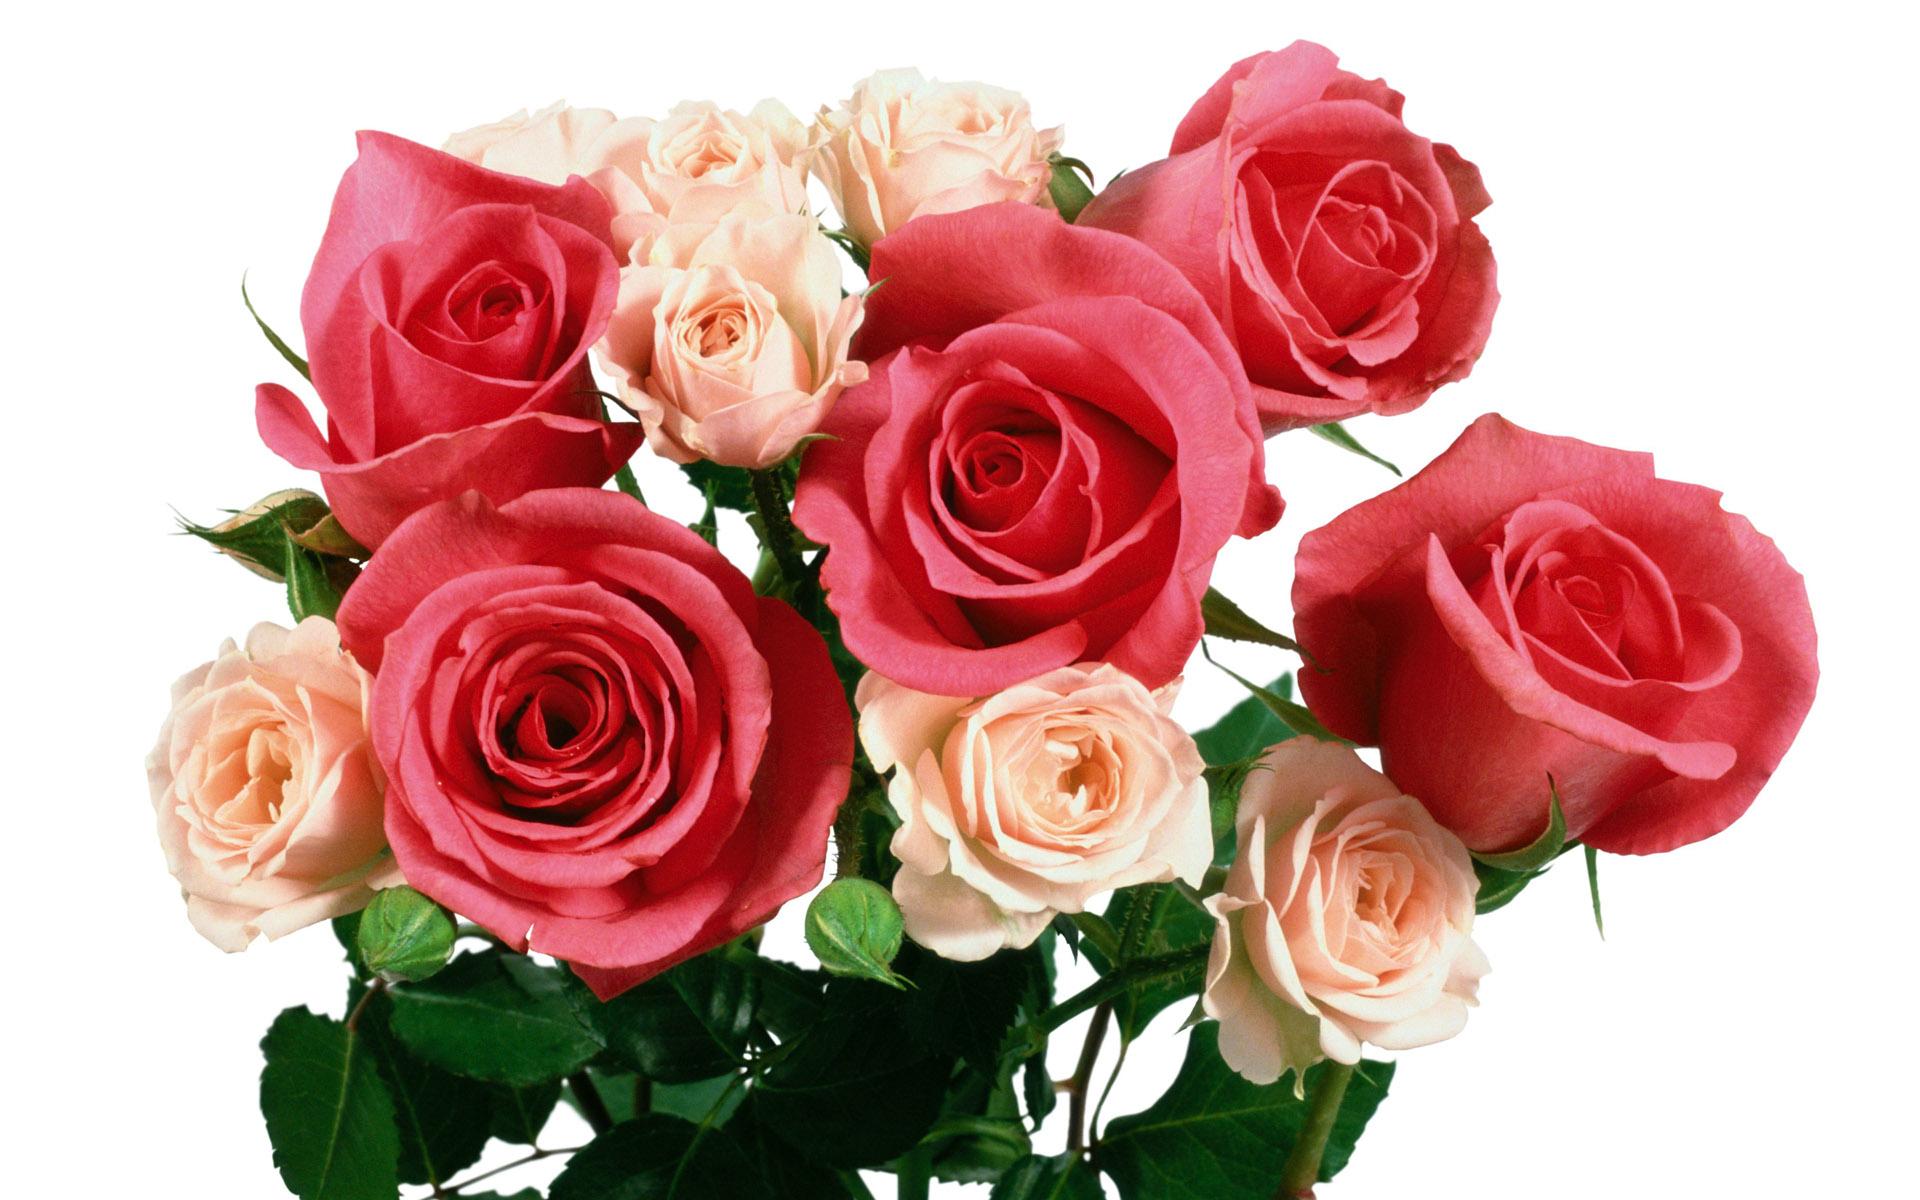 часто картинка букет роз с днем рождения на прозрачном фоне требует